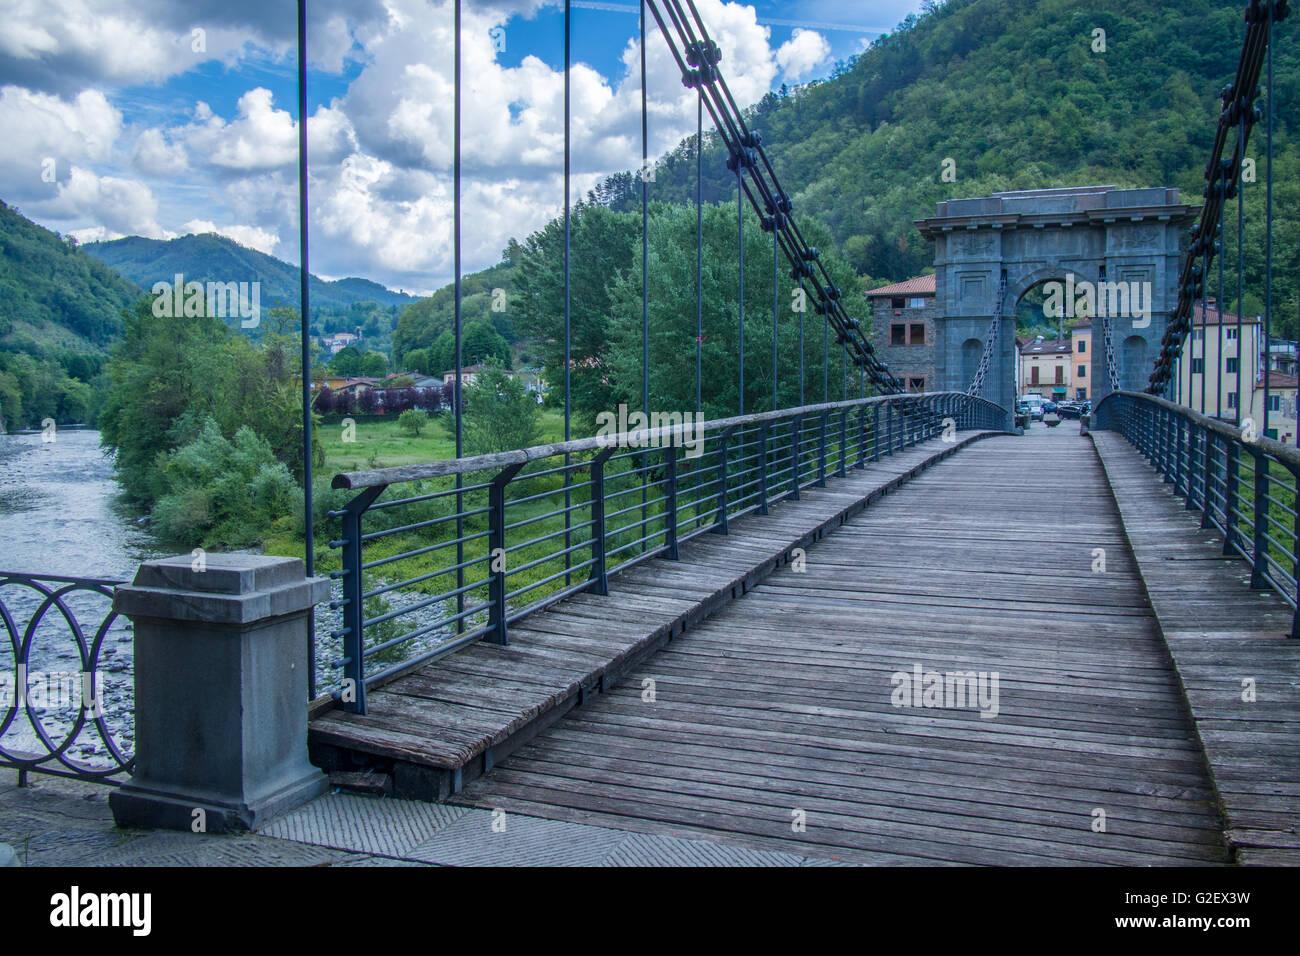 chain bridge in bagni di lucca over the river lima it links fornoli chifenti